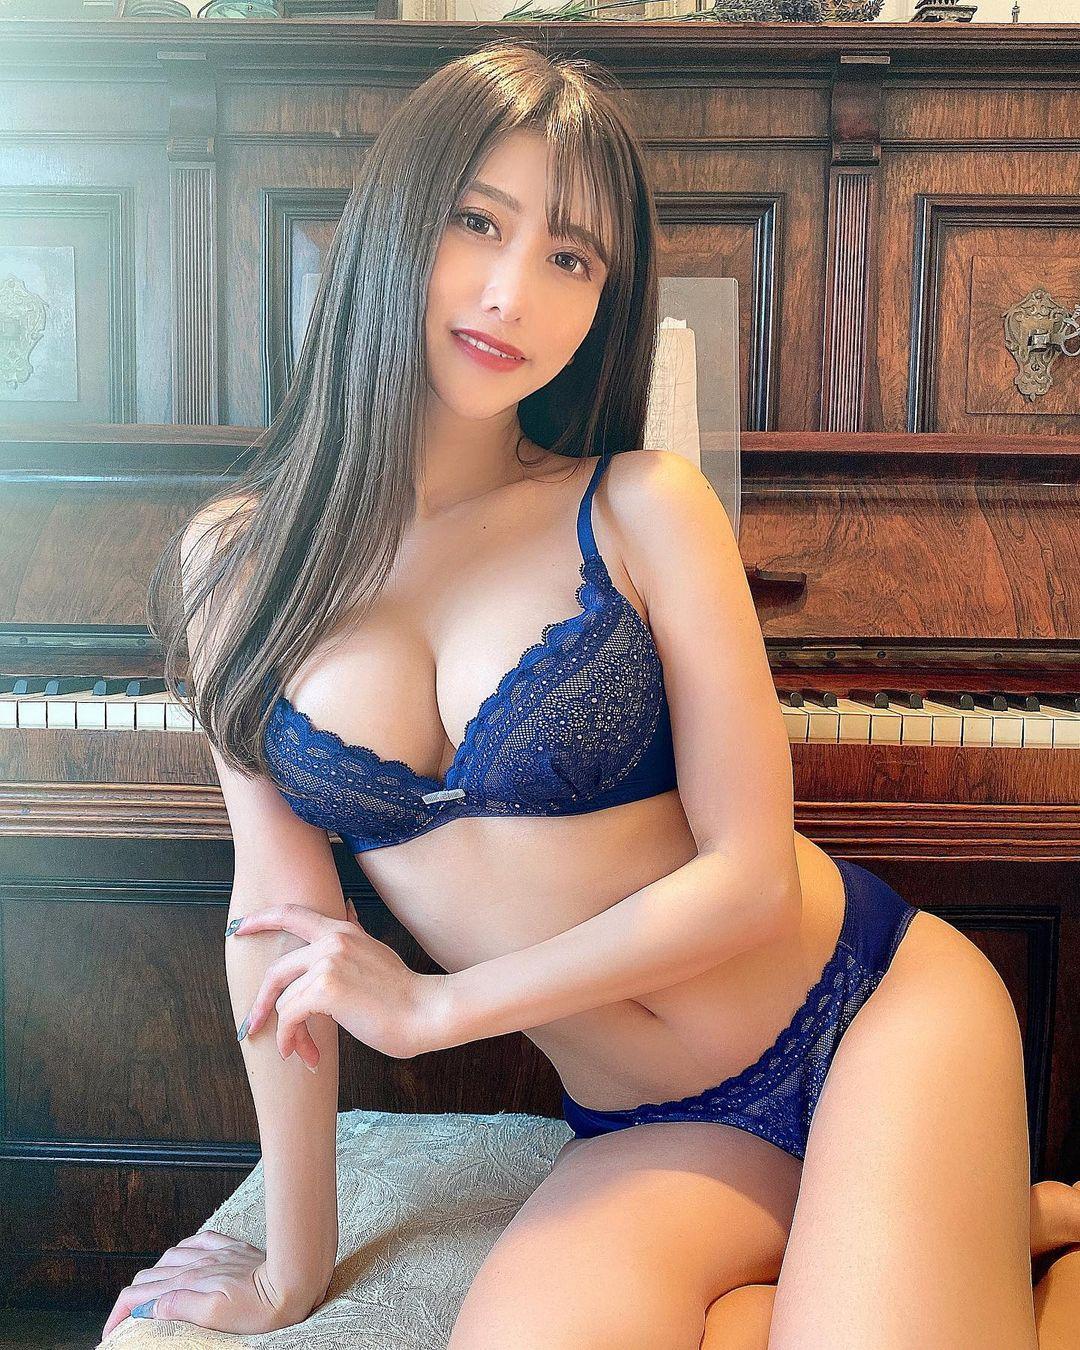 セクシーランジェリーショットを公開【名取くるみさん/2021年2月1日】